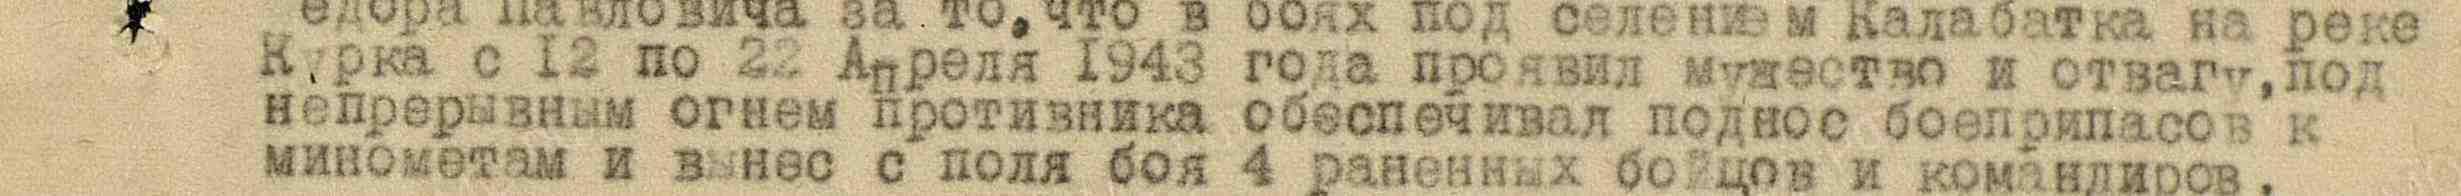 Описание подвига к медали «За боевые заслуги» № 9н от 29.04.1943